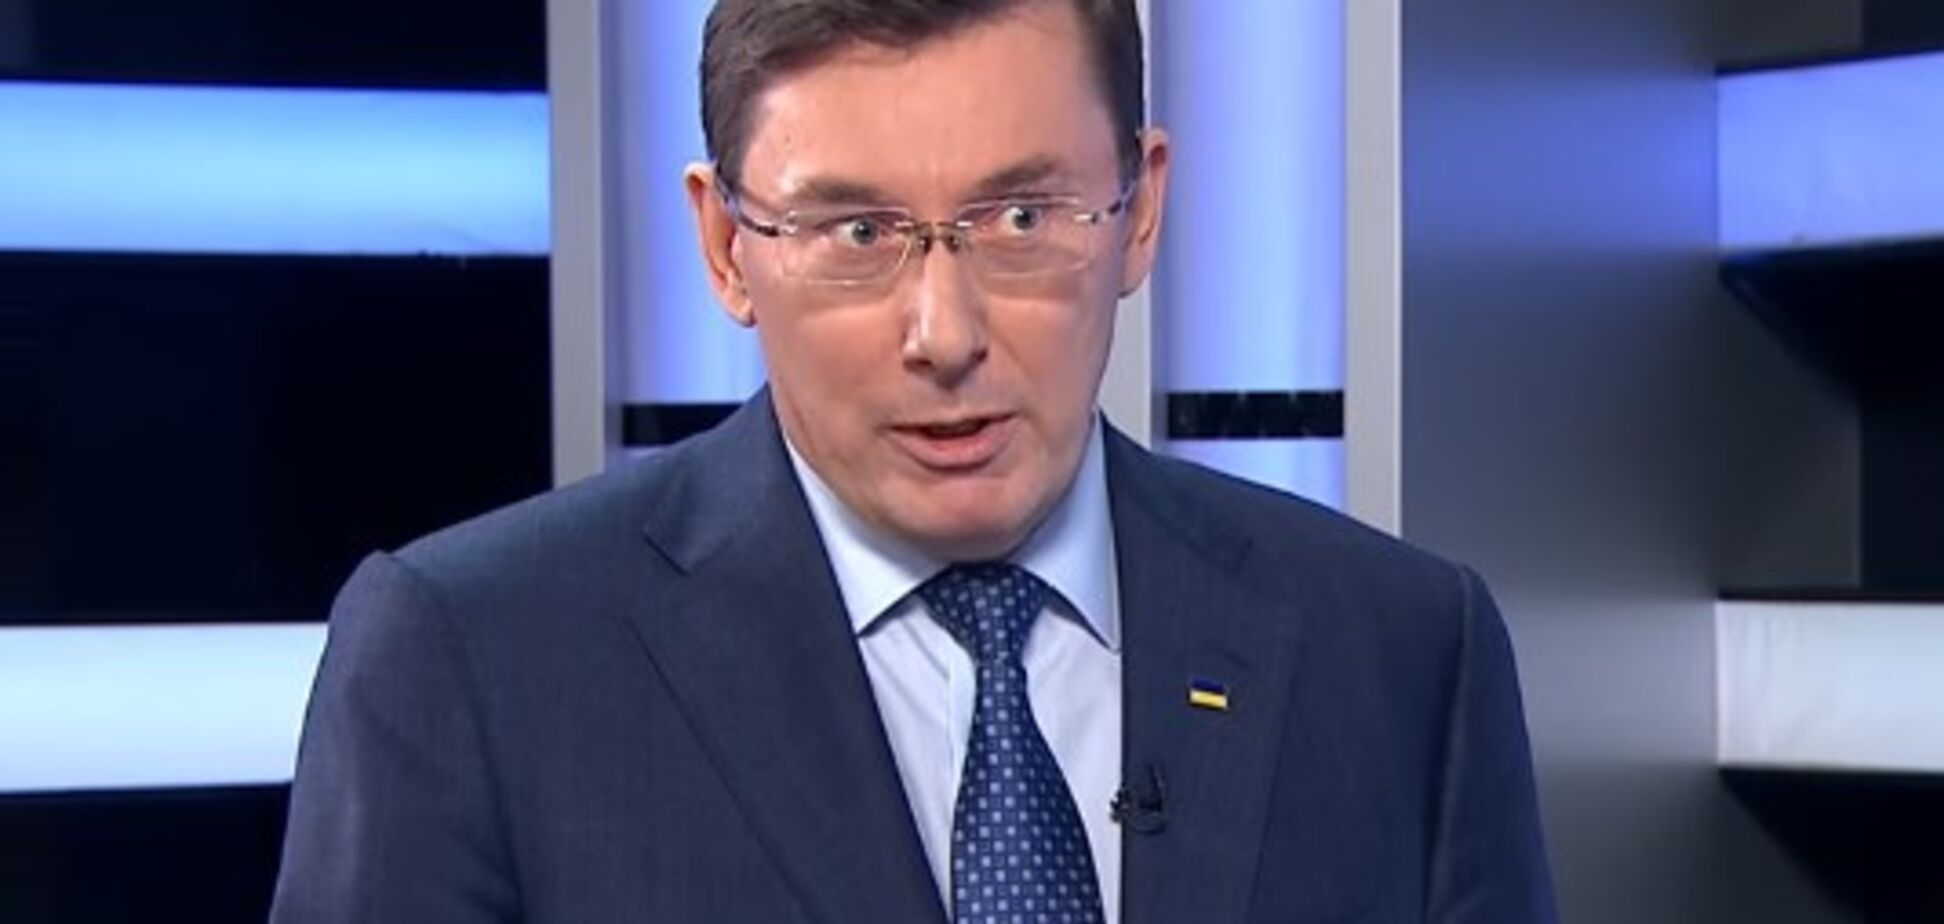 Ніхто не дозволяв: Луценко заявив про незаконну діяльність ФБР в Україні